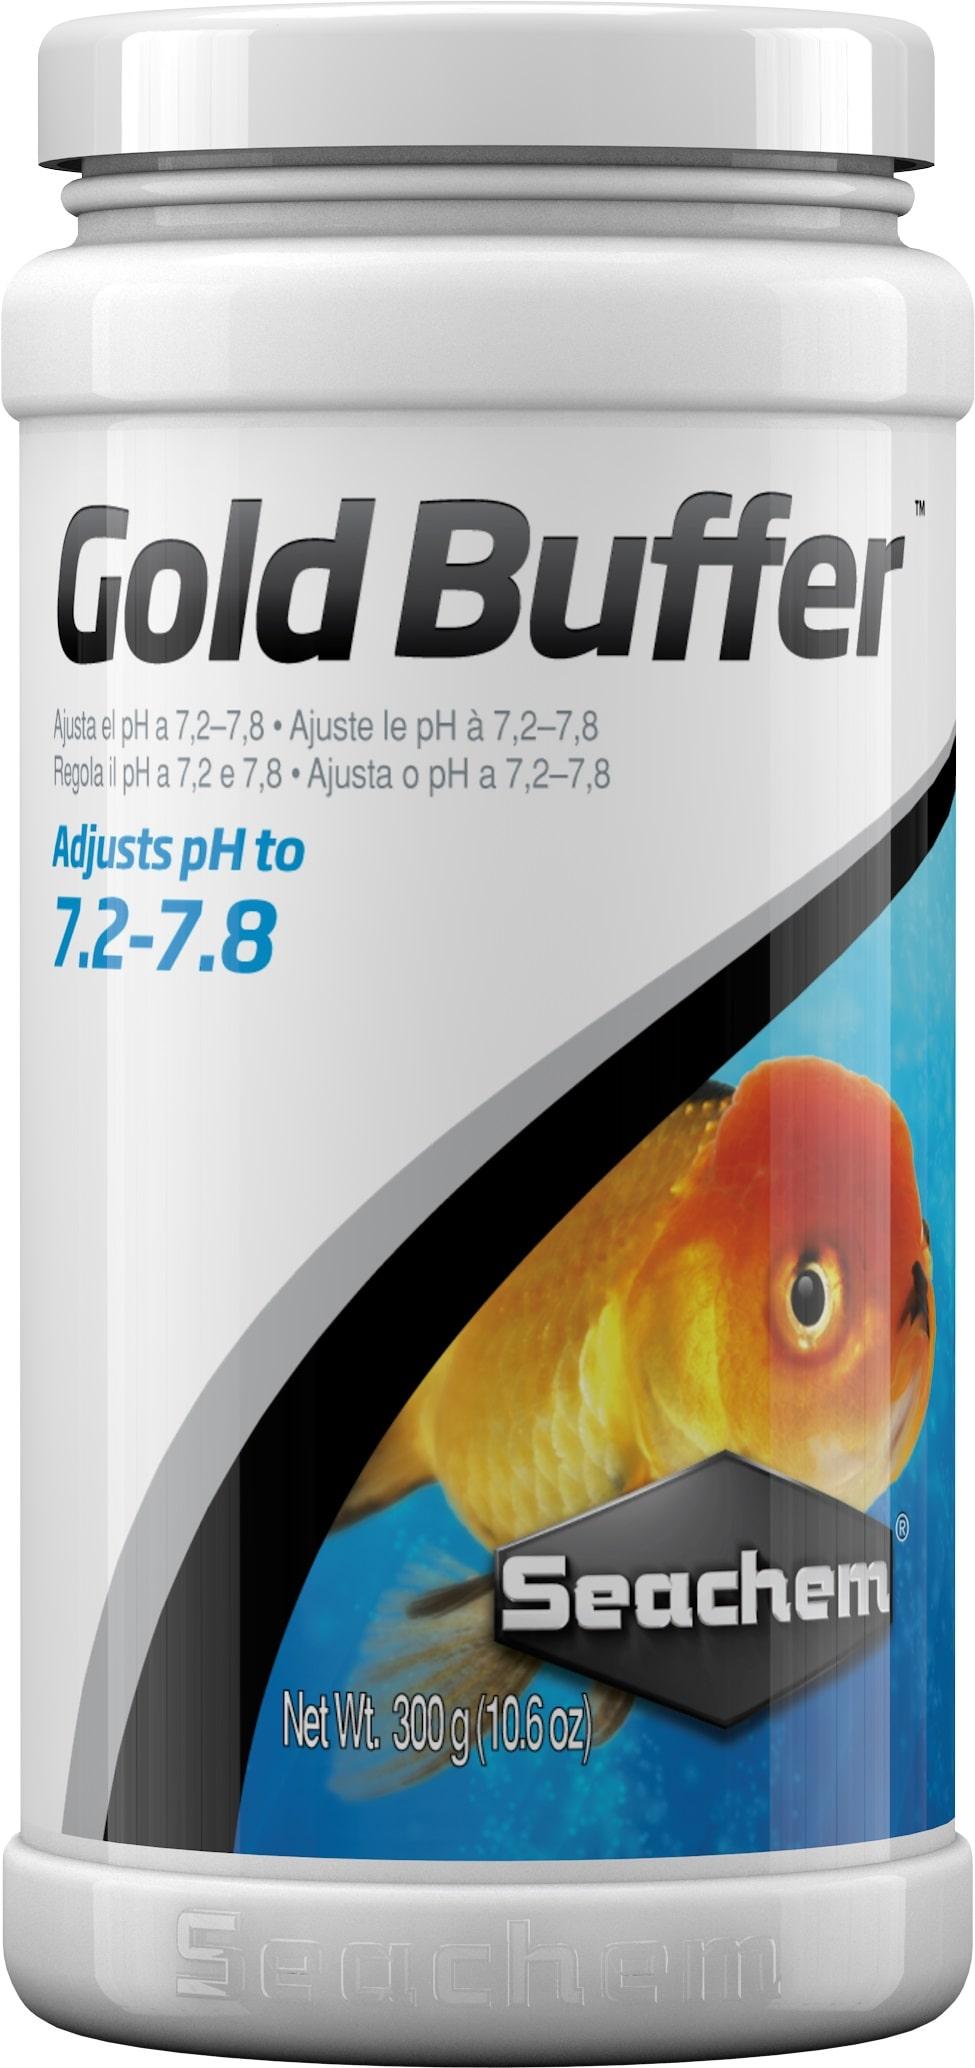 SEACHEM Gold Buffer 300 gr maintien le pH entre 7.2 et 7.8 pour les poissons rouges et voiles